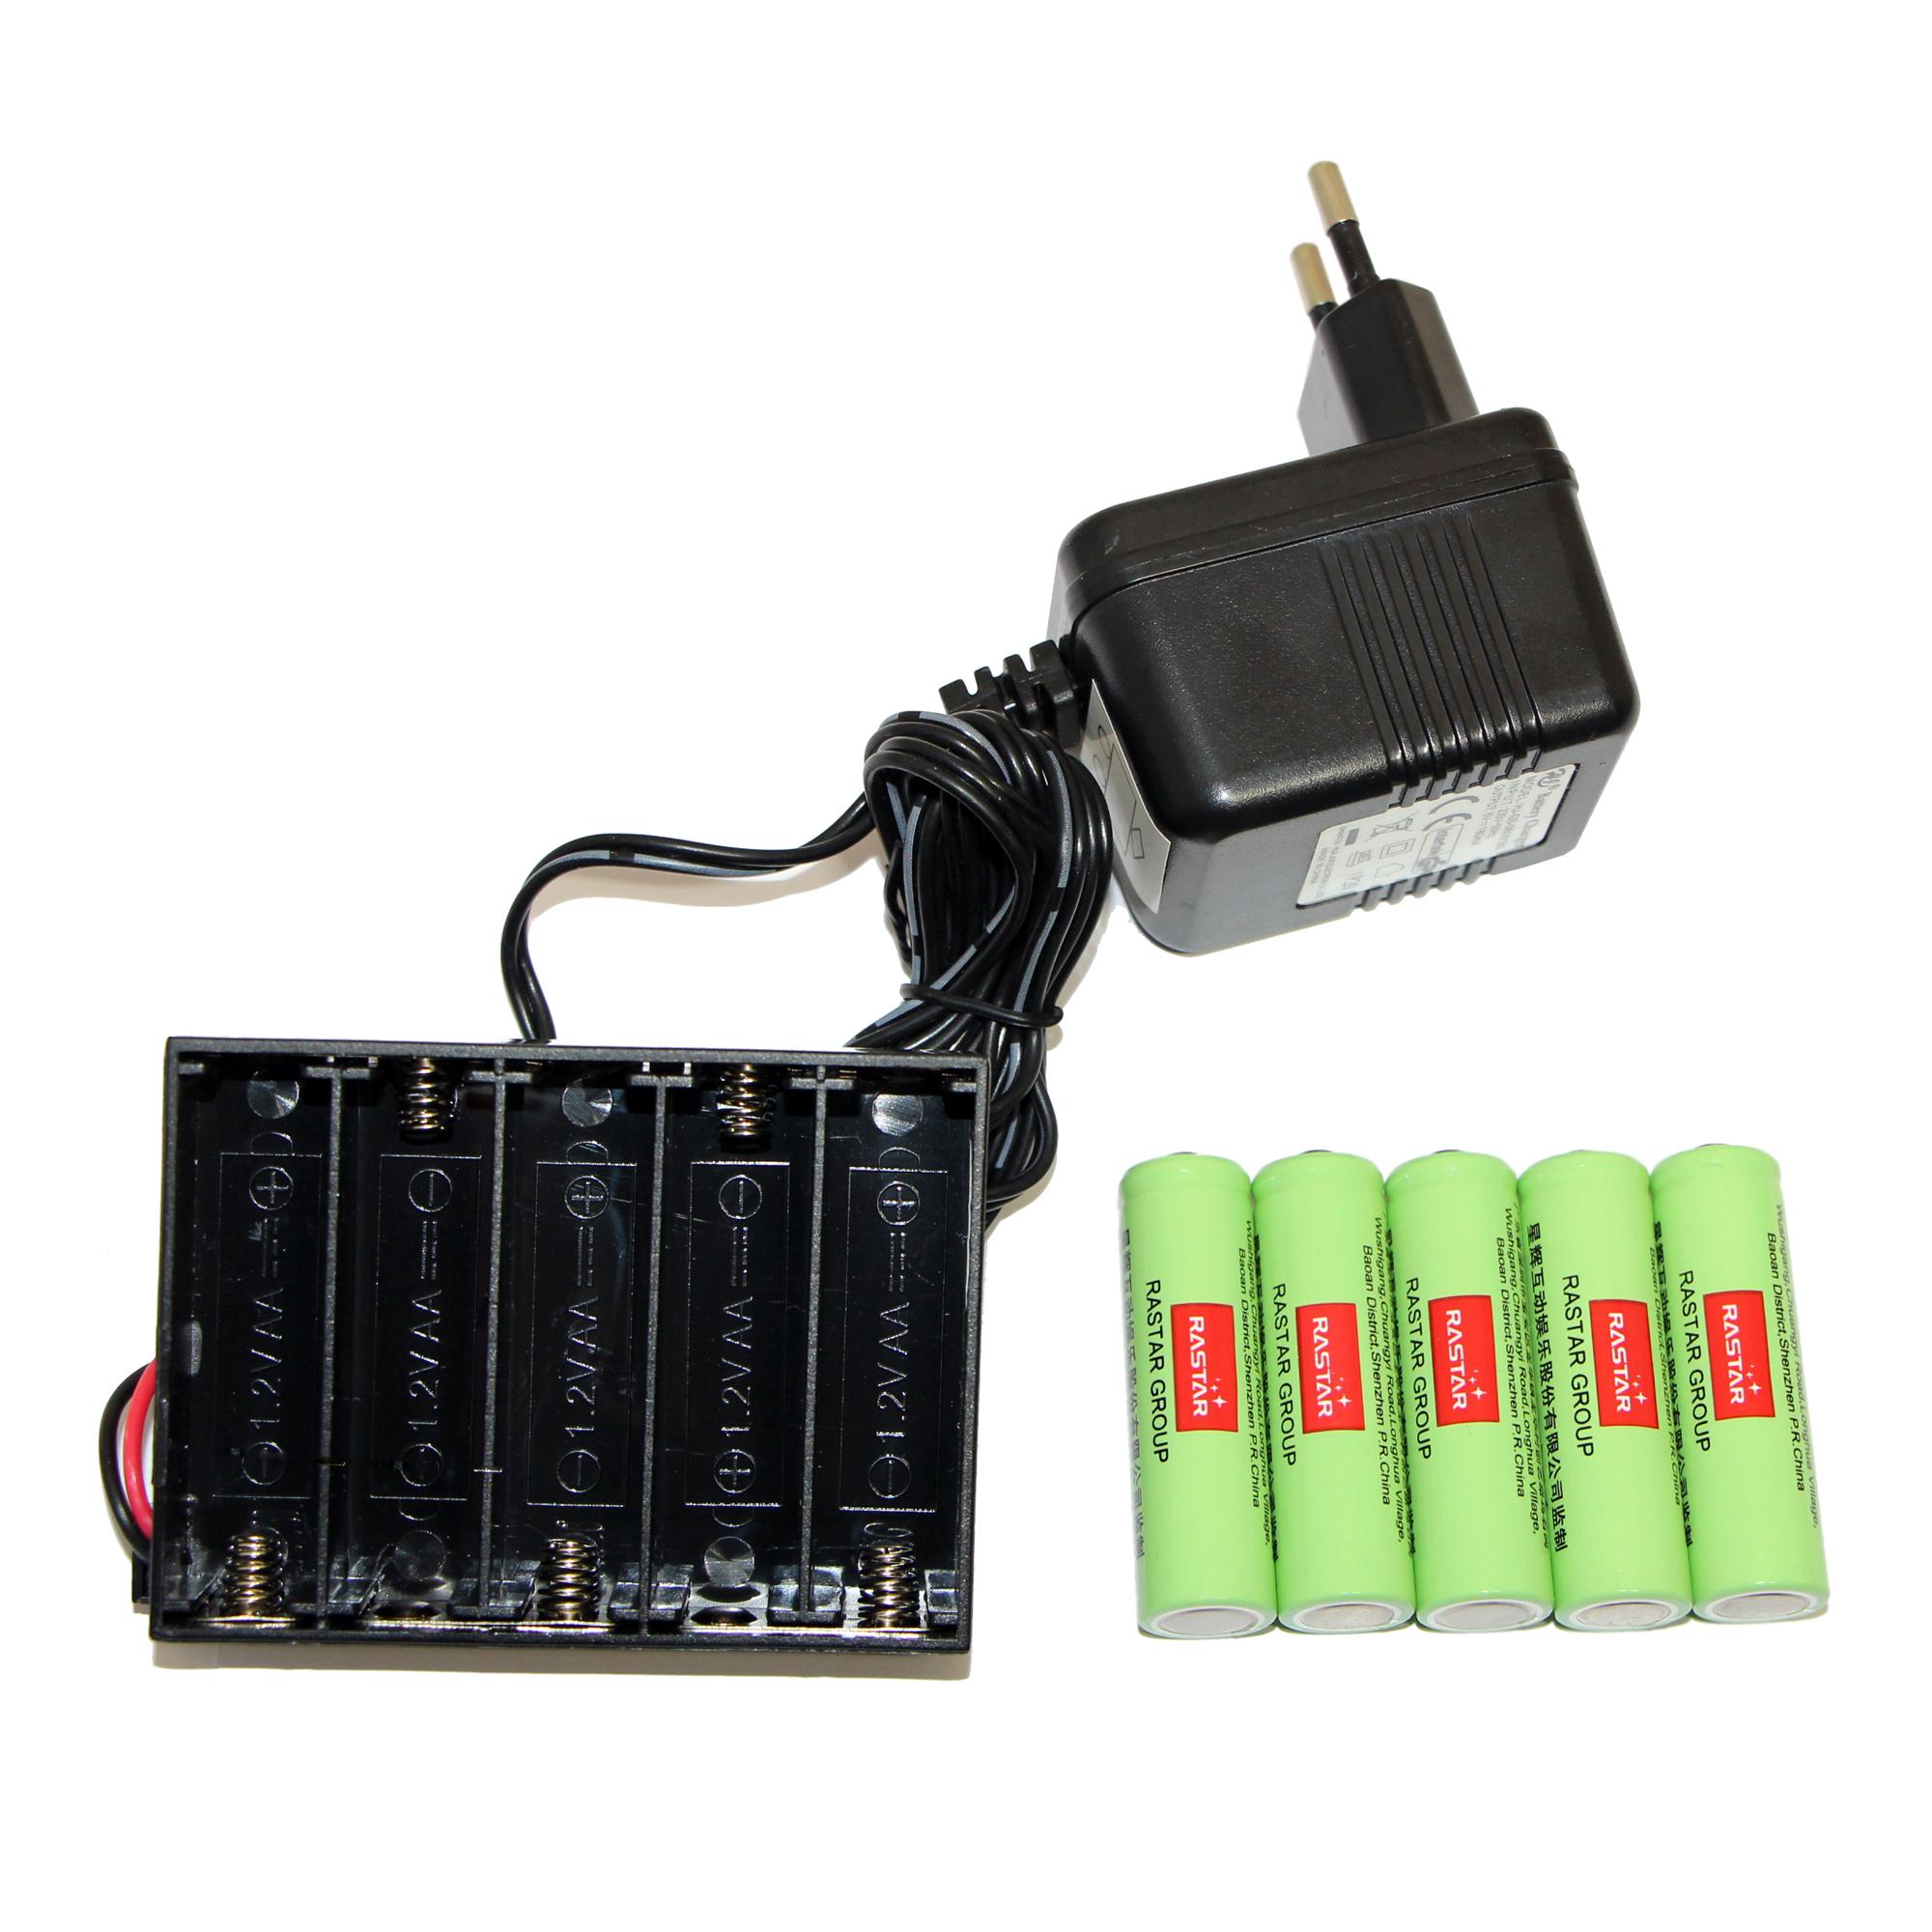 باتری قلمی رستار مدل RS-400mAh بسته 5 عددی به همراه شارژر باتری